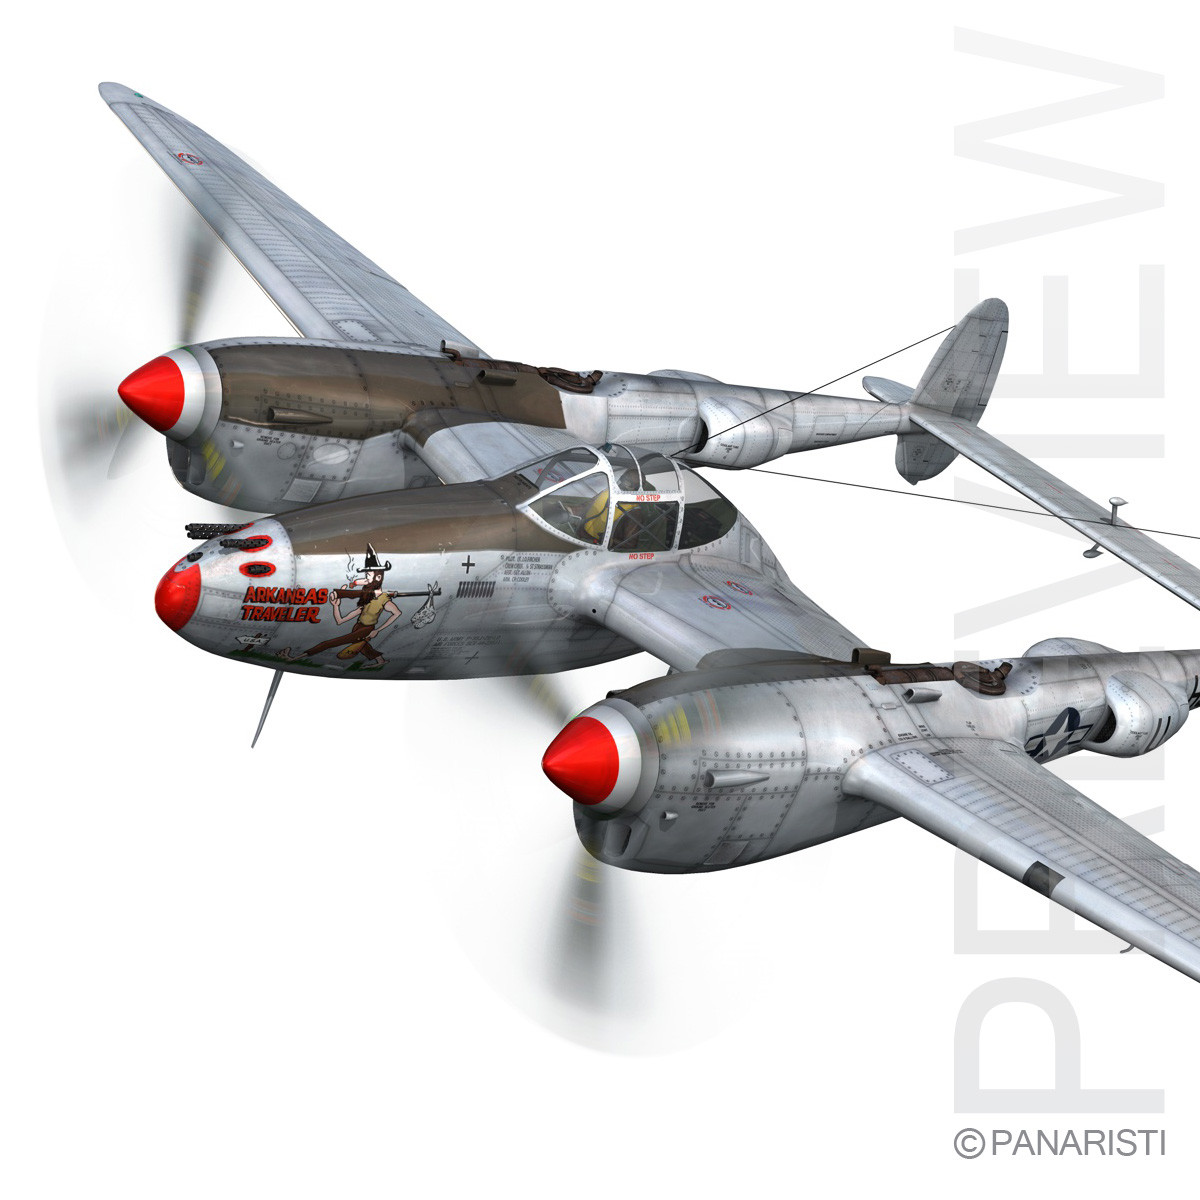 Lockheed P-38 Lightning - Arkansas Traveler